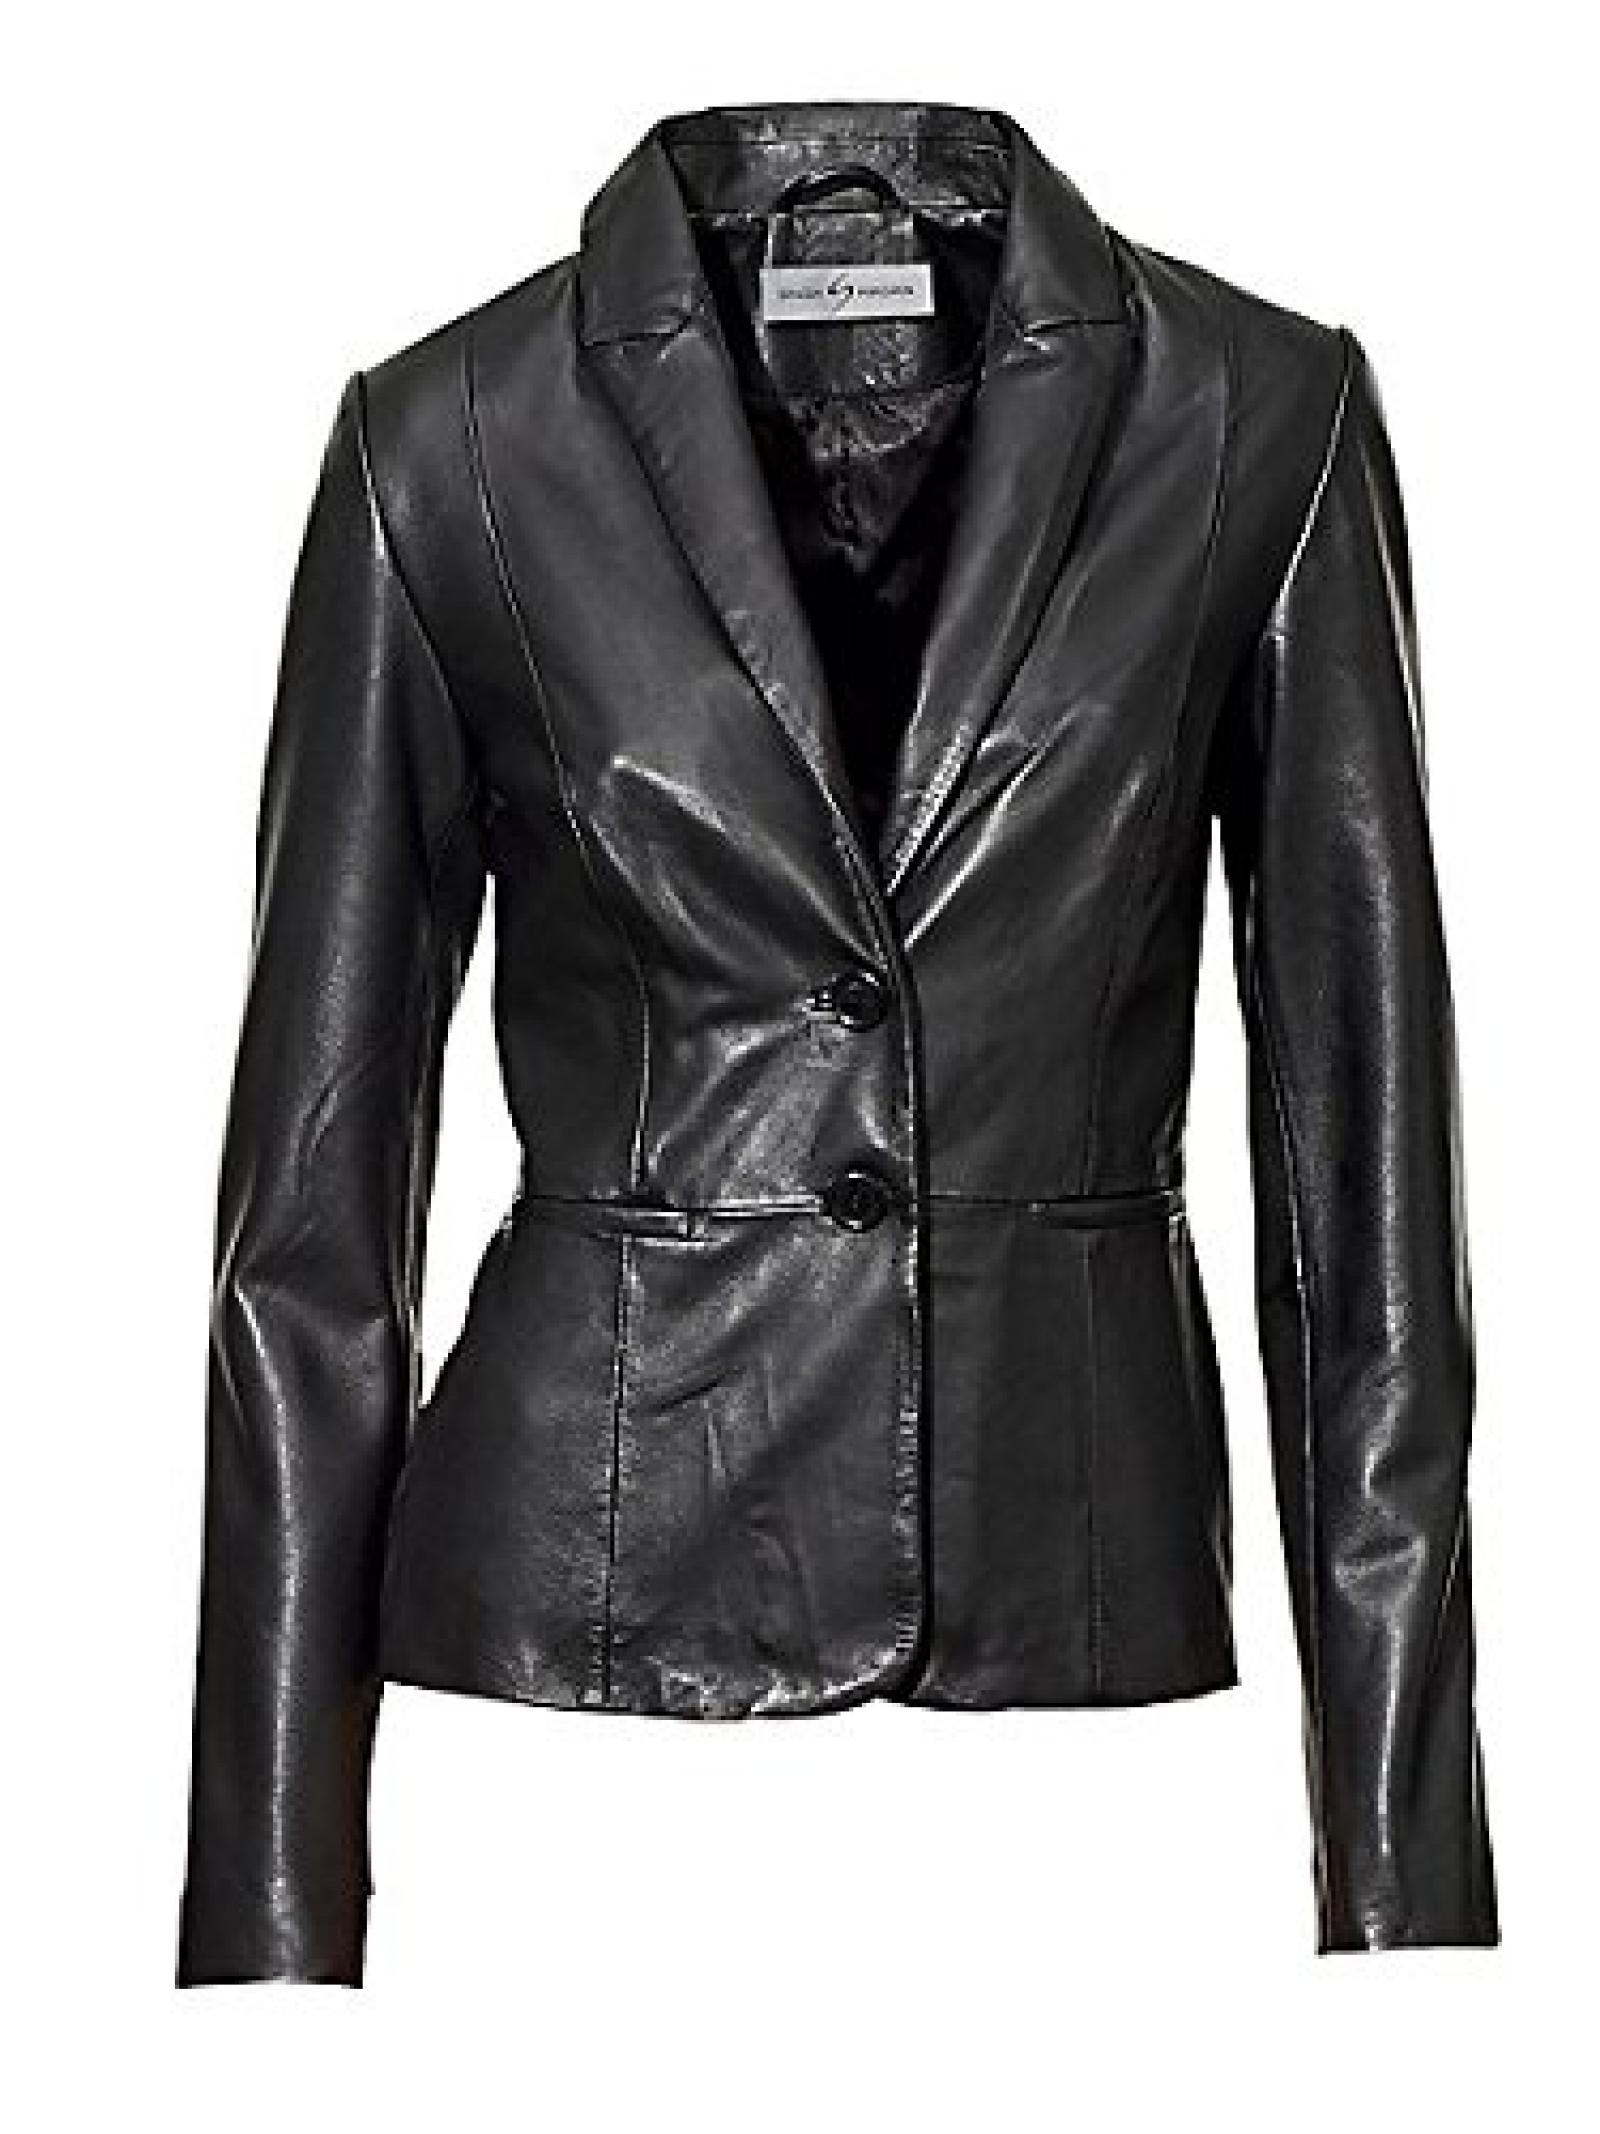 Damen SINGH S. MADAN Lederjacke in schwarz - Größe: 46